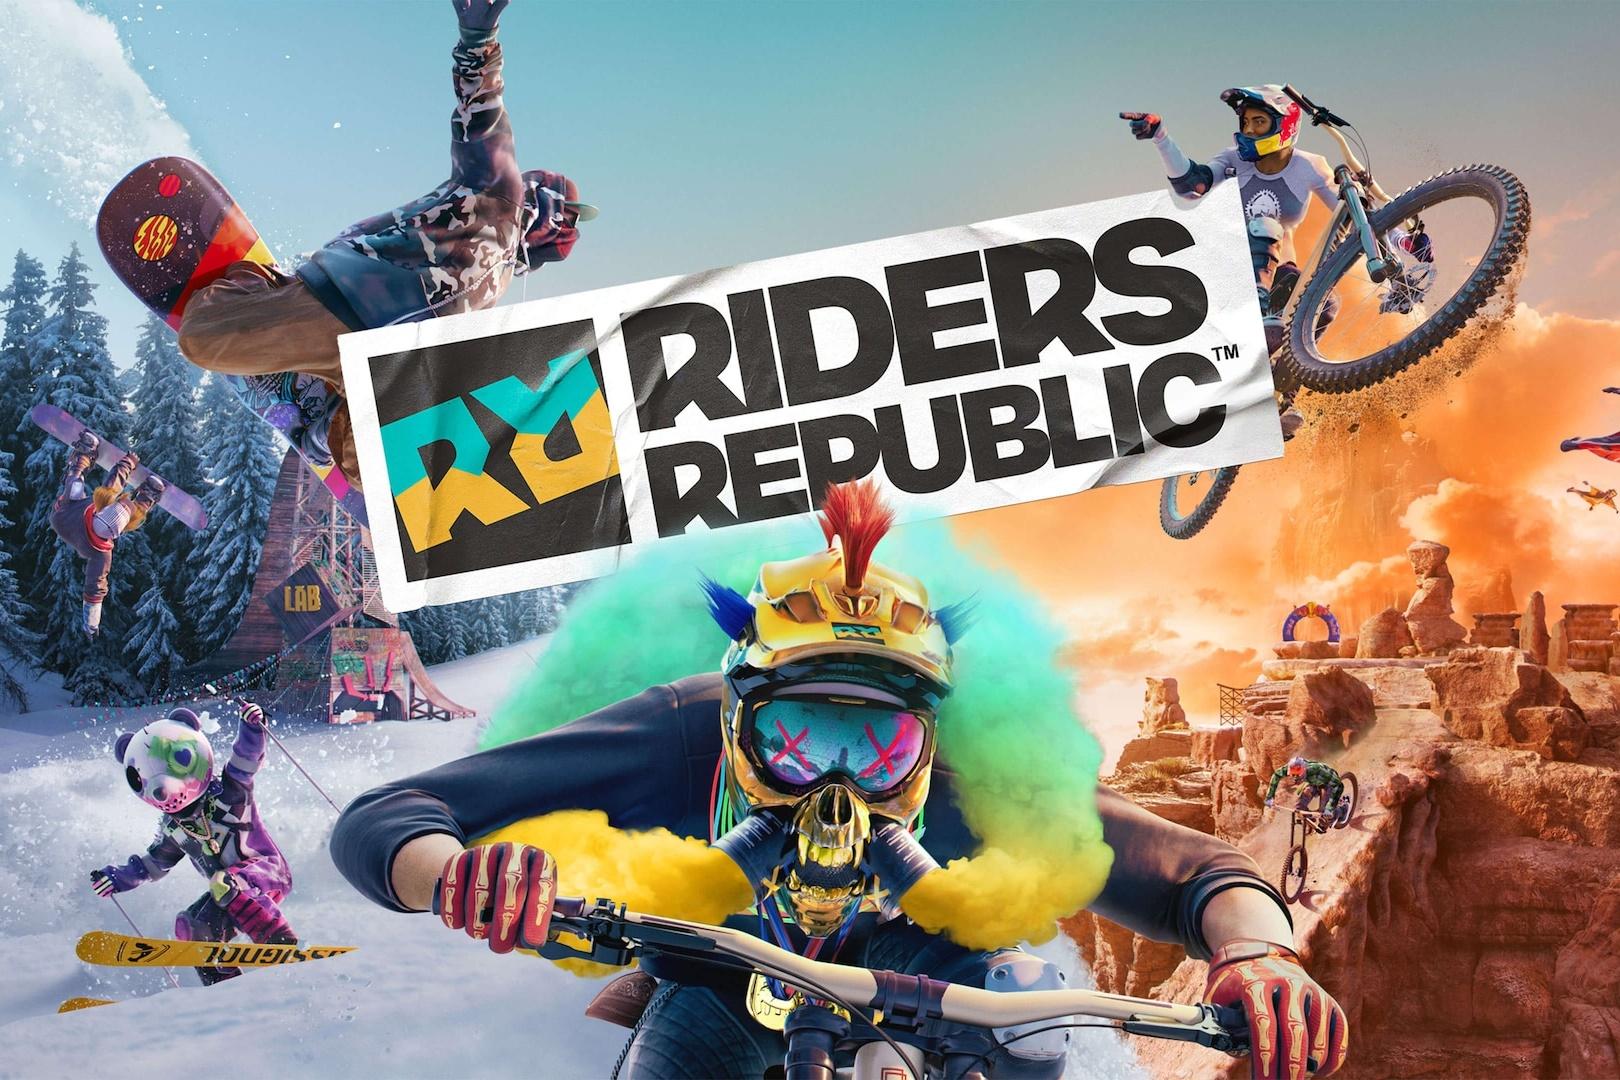 Riders Republic ganha gameplay cheio de adrenalina e data de lançamento